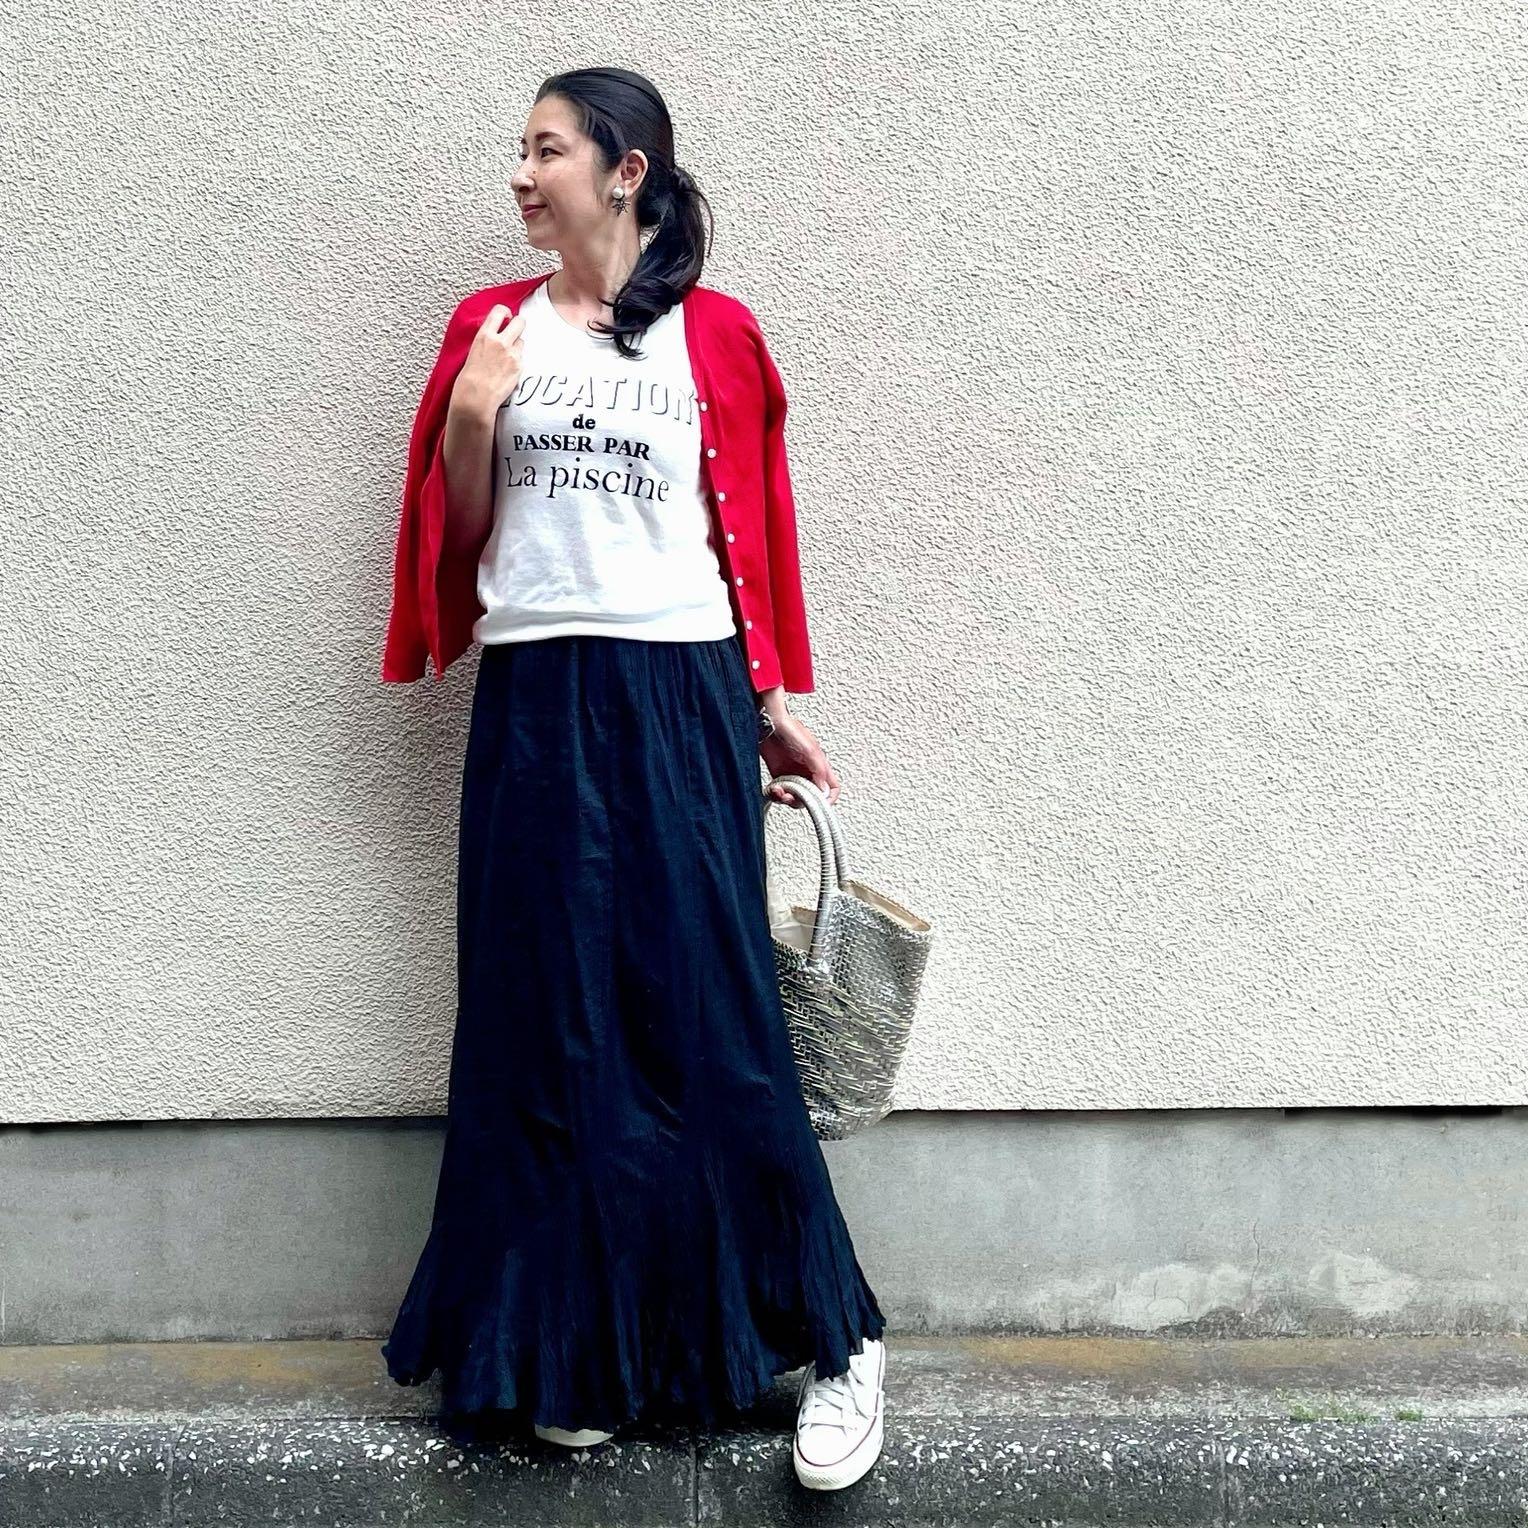 黒マキシスカート、白ロゴTシャツ、赤カーディガン、シルバーメッシュトートバッグ、白スニーカー